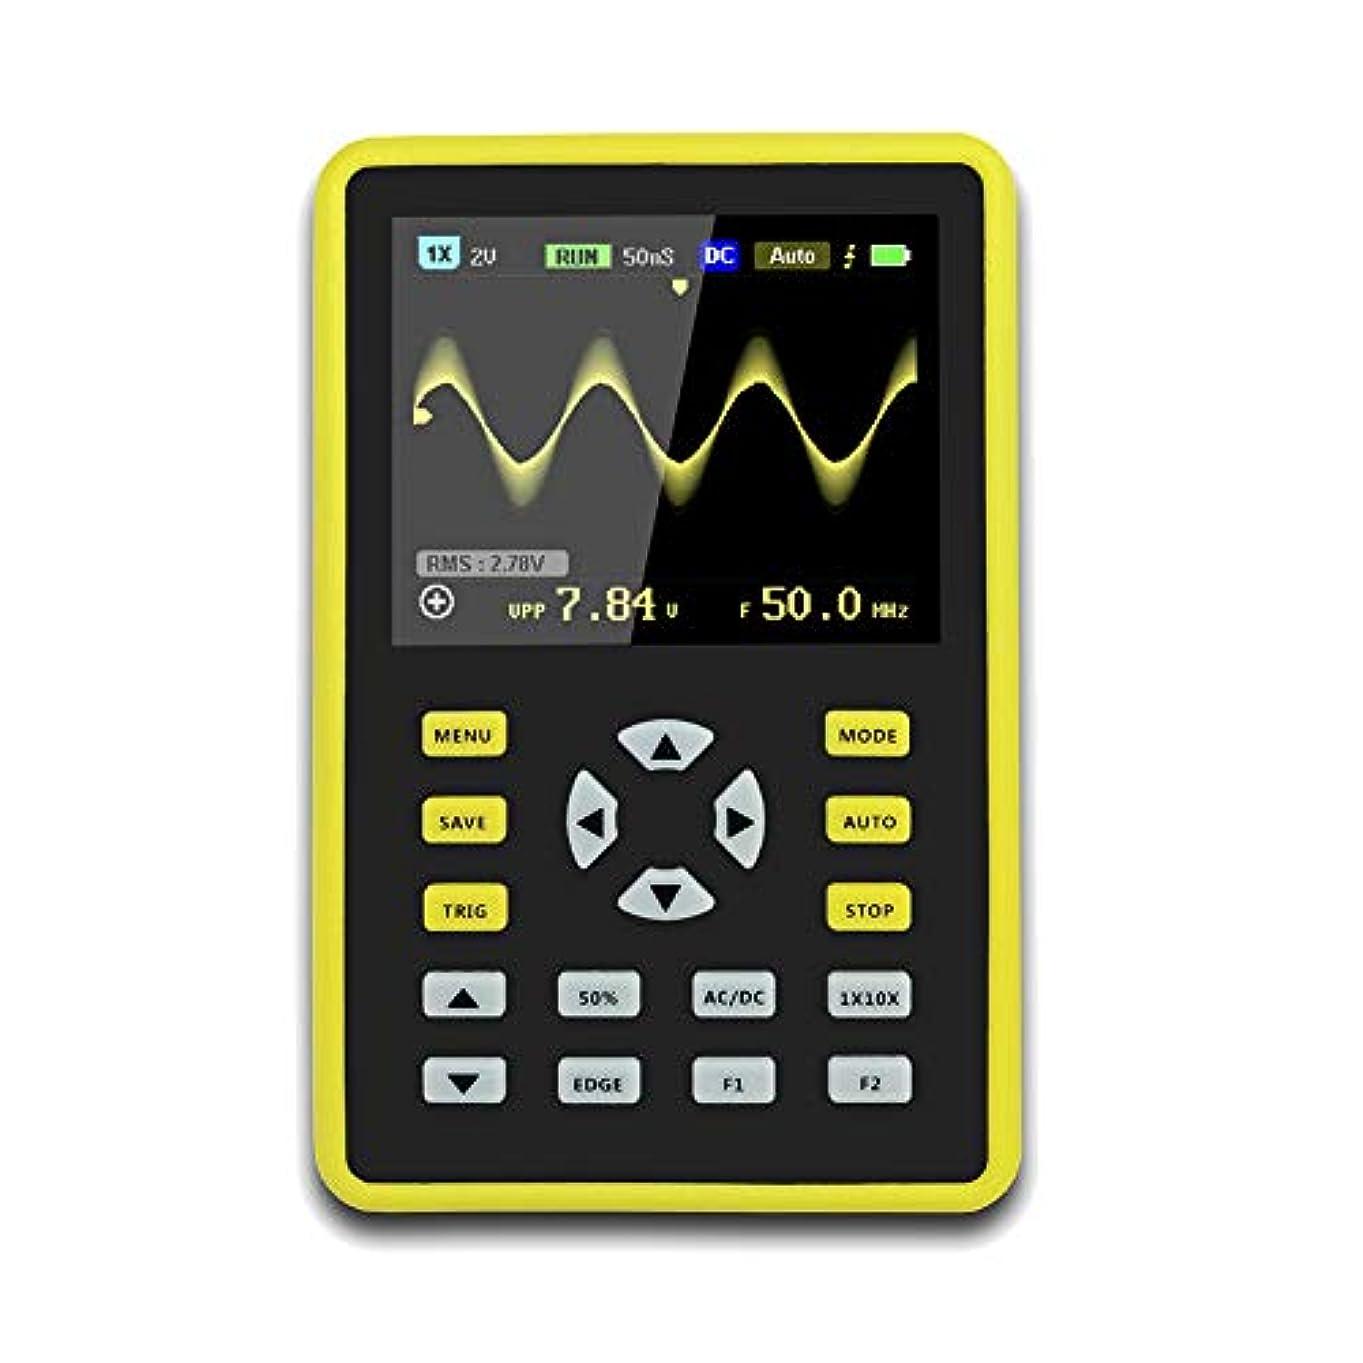 優れた役割伝えるJanusSaja  手持ち型デジタル小型オシロスコープ2.4インチ500 MS/s IPS LCD表示スクリーンの携帯用